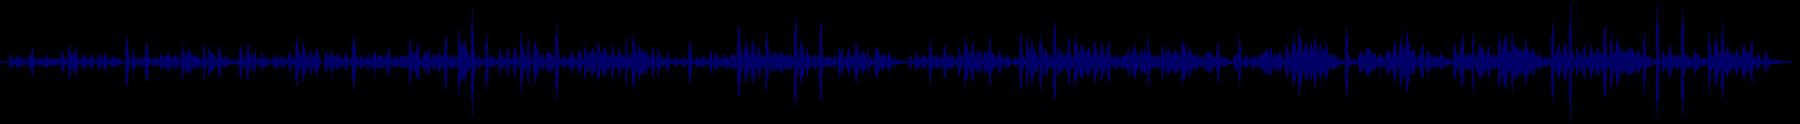 waveform of track #74286